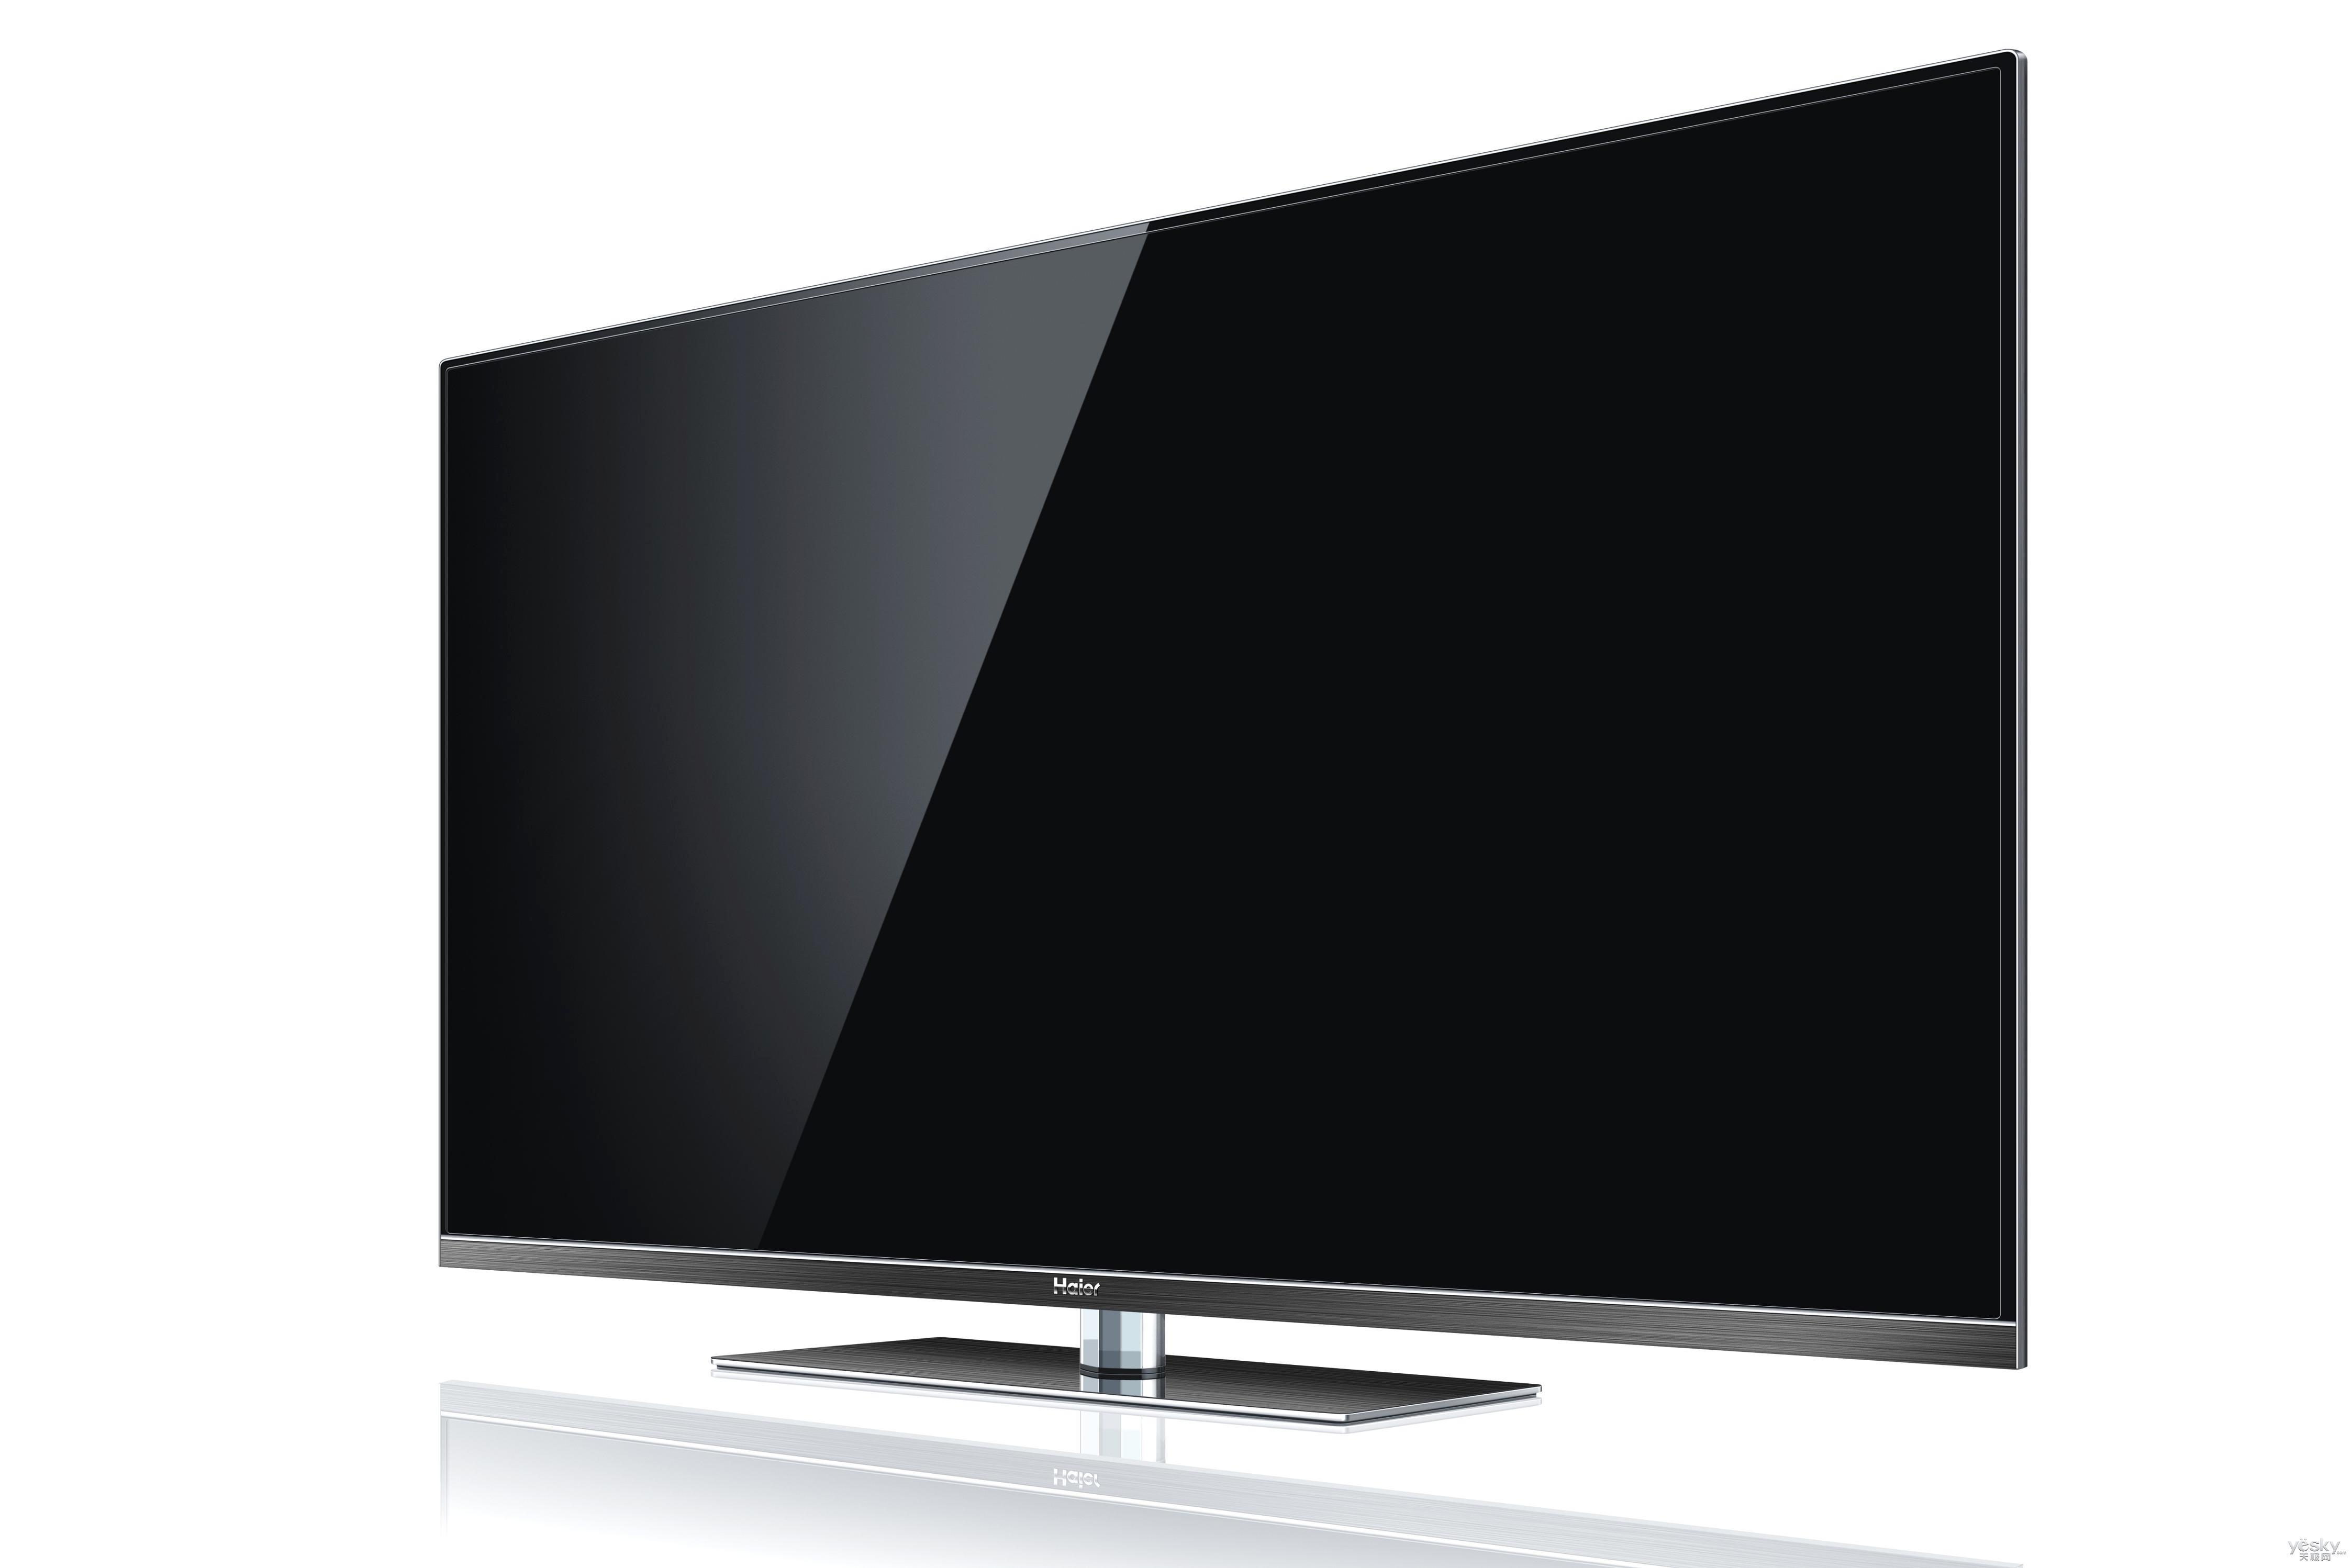 海尔电视怎么样 海尔电视官网价格